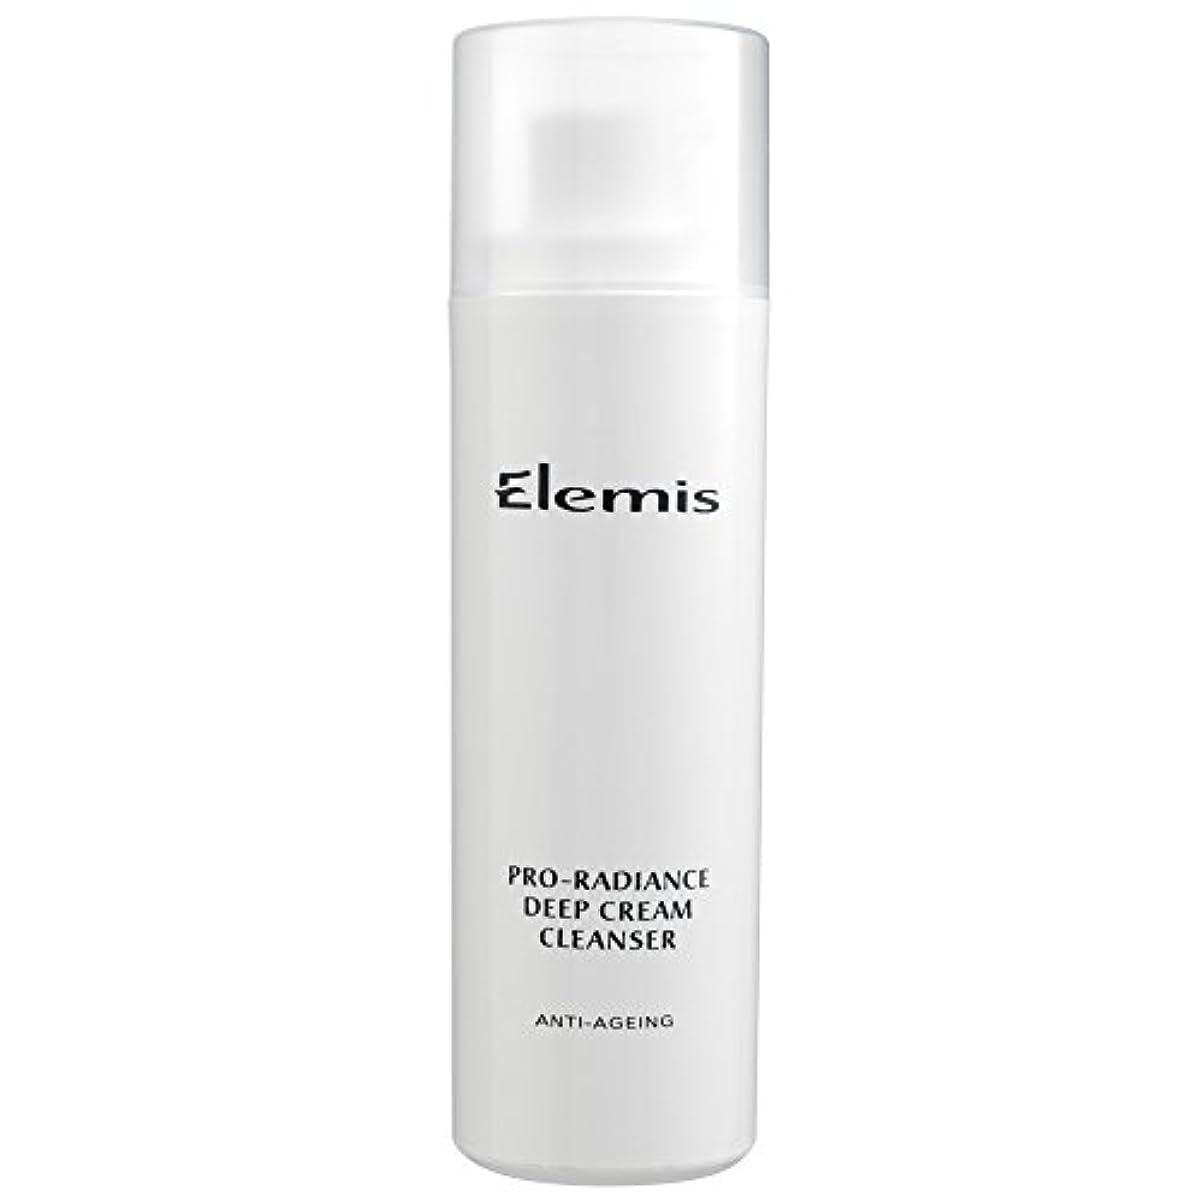 王朝促す列挙するエレミスプロ輝きクリームクレンザー、150ミリリットル (Elemis) (x2) - Elemis Pro-Radiance Cream Cleanser, 150ml (Pack of 2) [並行輸入品]